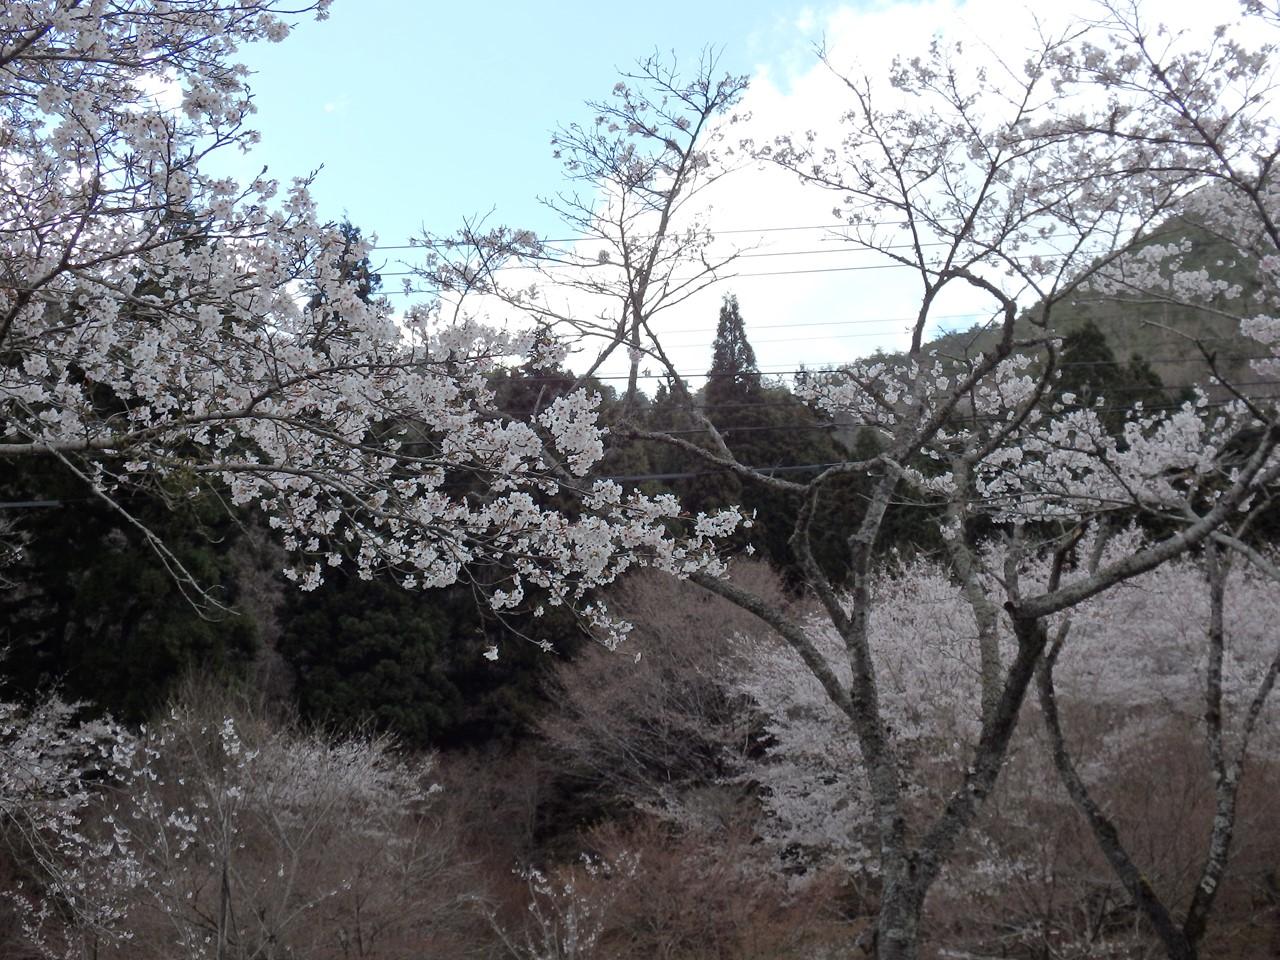 『寺尾ヶ原千本桜公園を歩いて』_d0054276_20565744.jpg